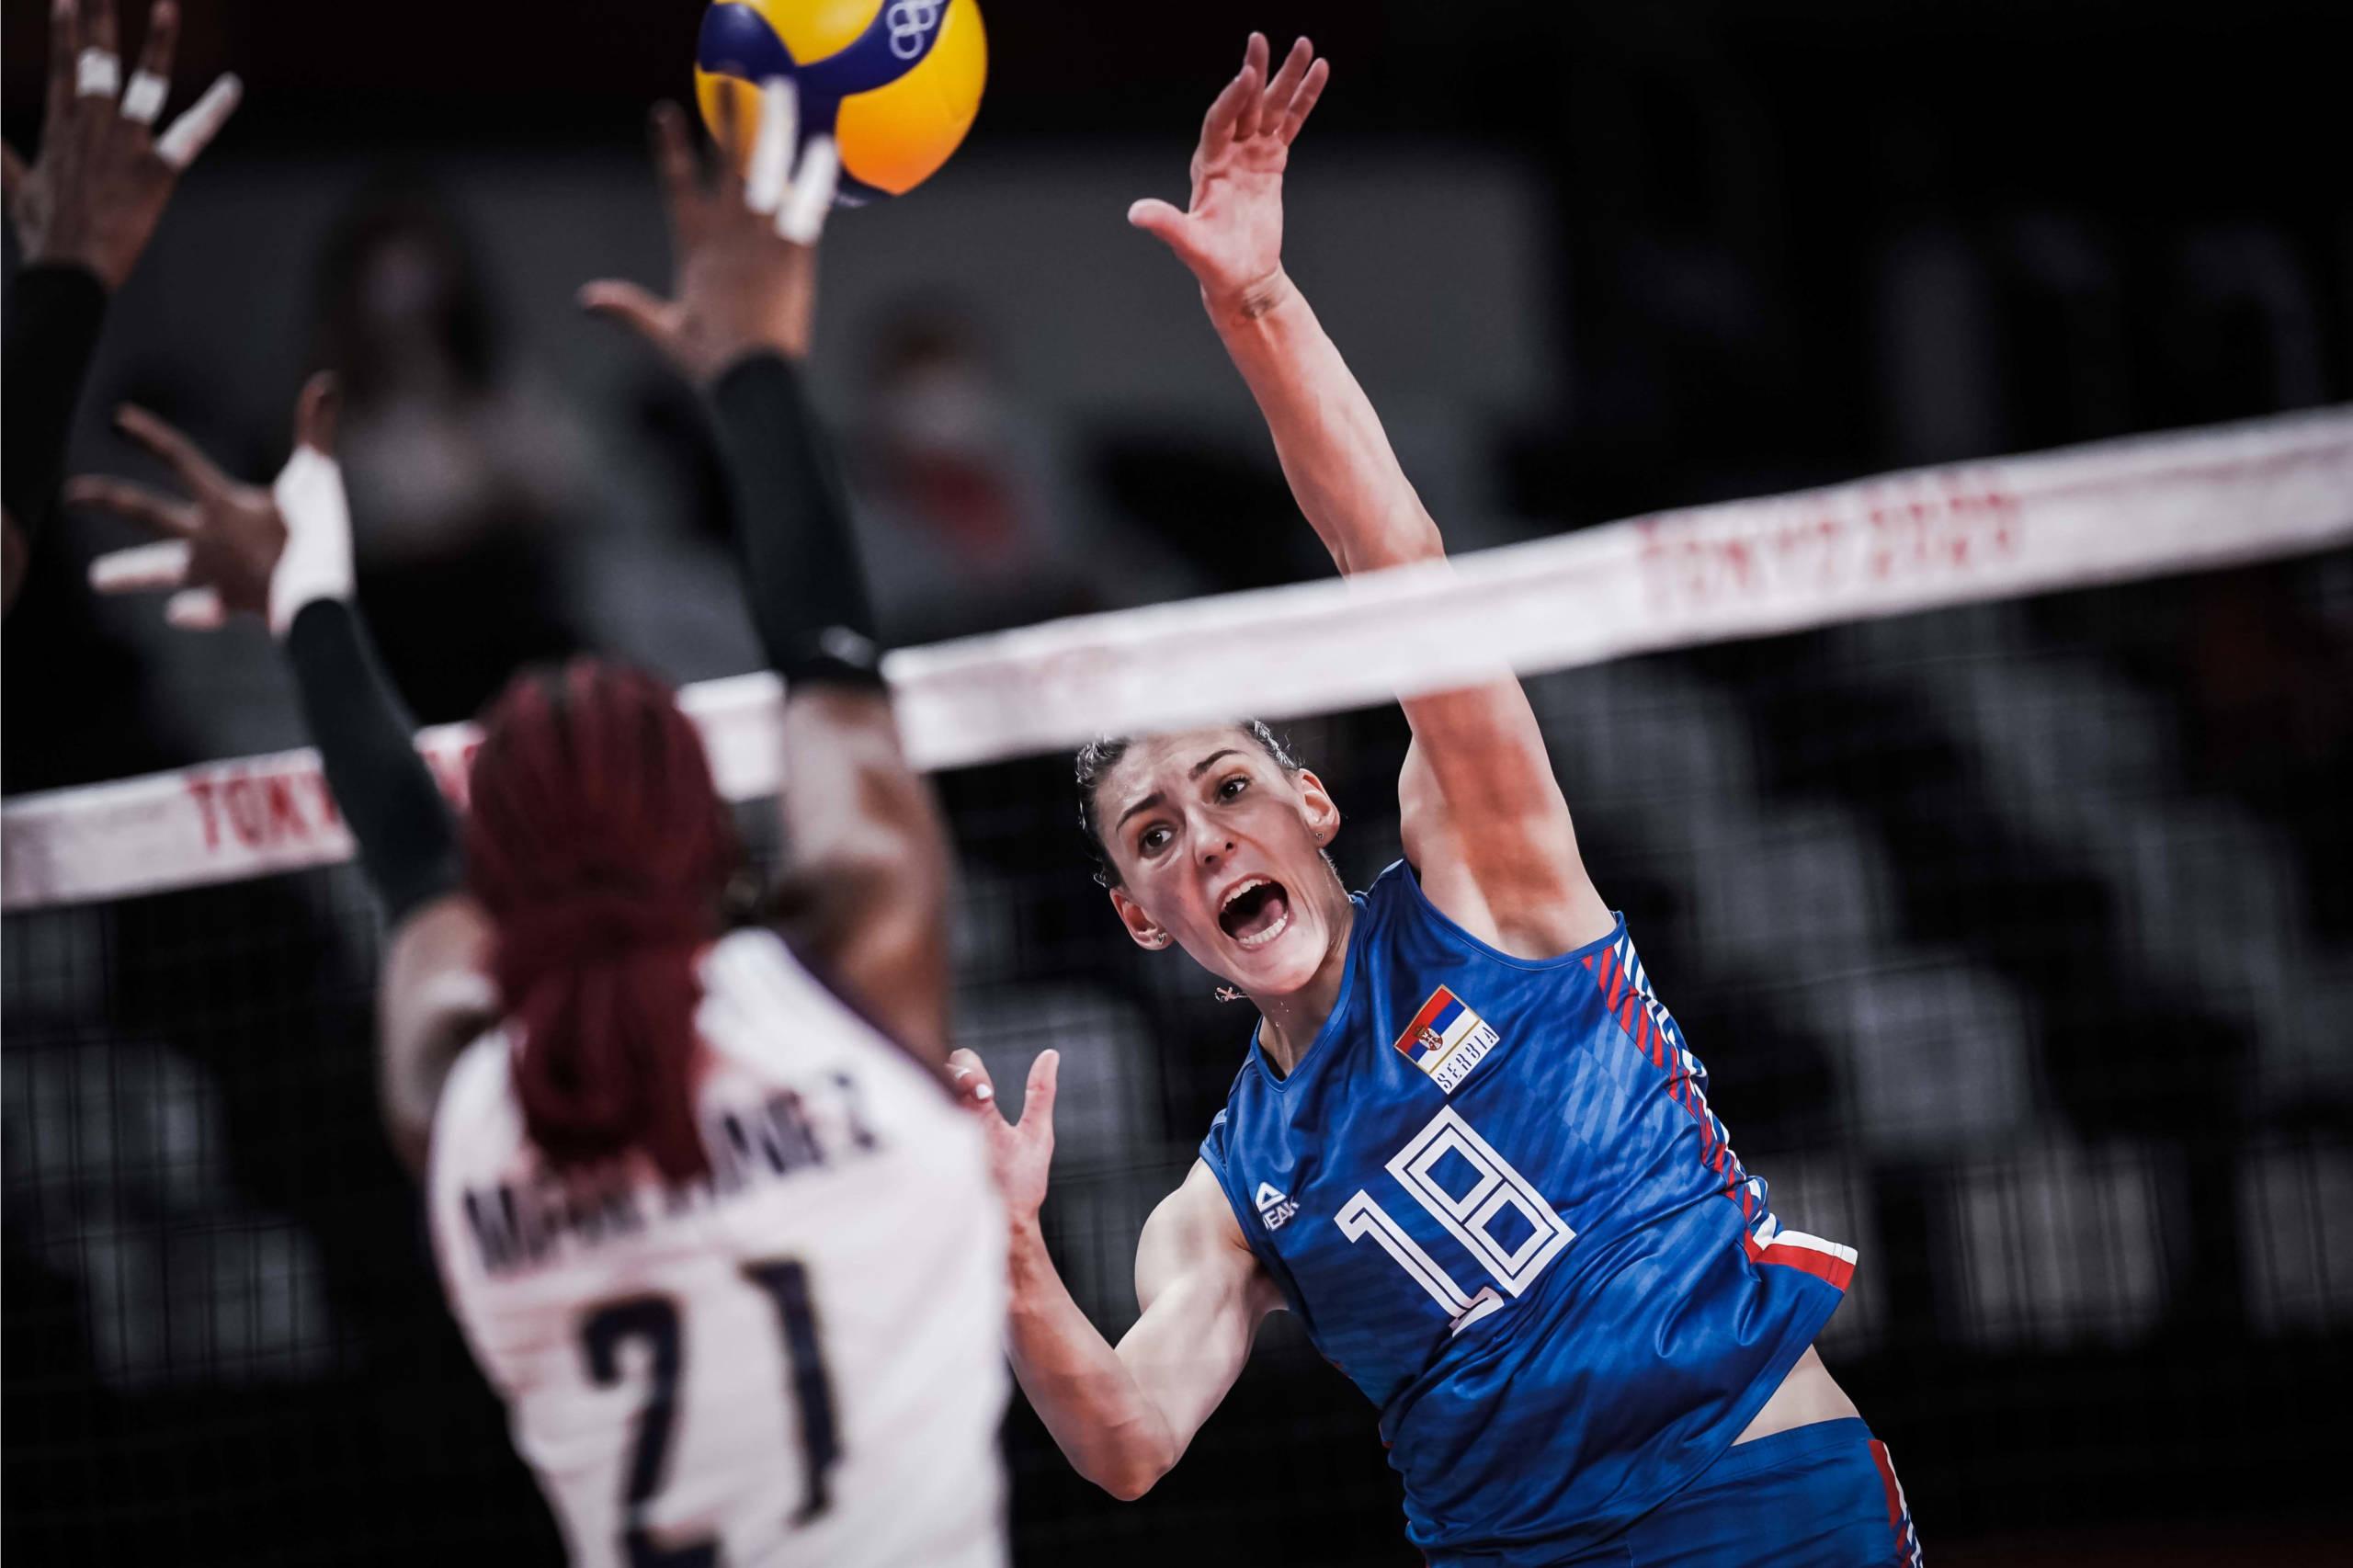 Volley, Olimpiadi Tokyo: risultati oggi e classifica. USA e Brasile vincono i gironi, Italia e Serbia seconde